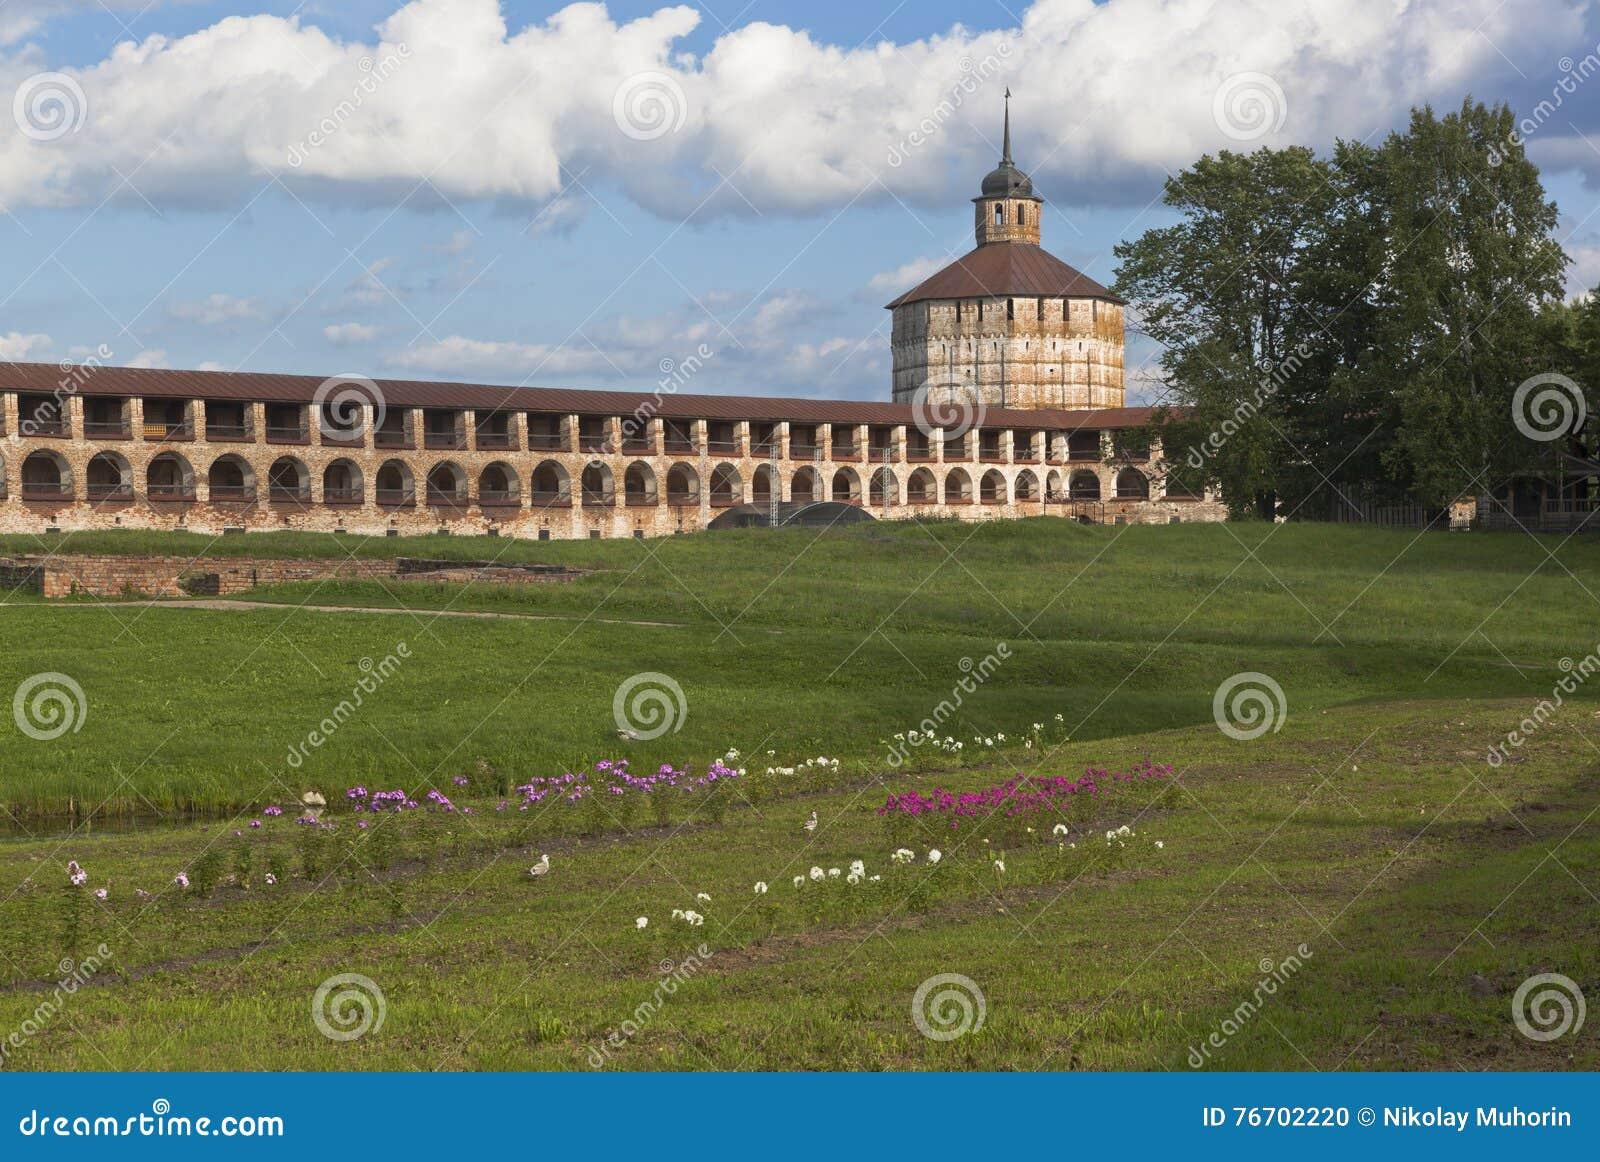 Nowy forteczny miasto i Vologda wierza Kirillo-Belozersky monaster, Vologda region, Rosja